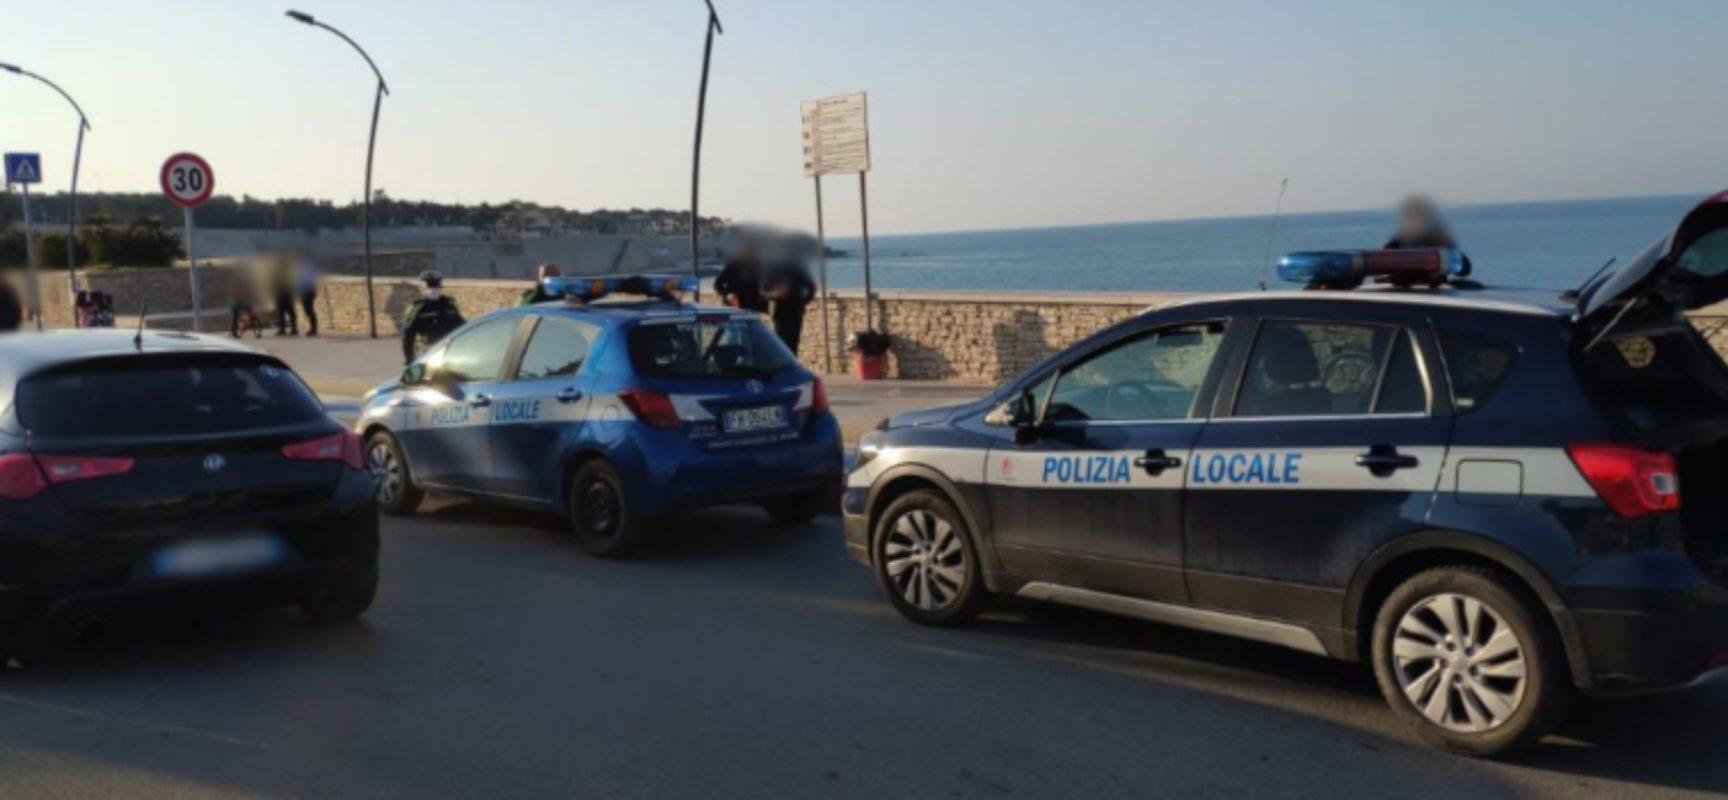 """Selezione polizia locale, Amendolagine: """"Chi accerta competenze senza certificazioni?"""""""